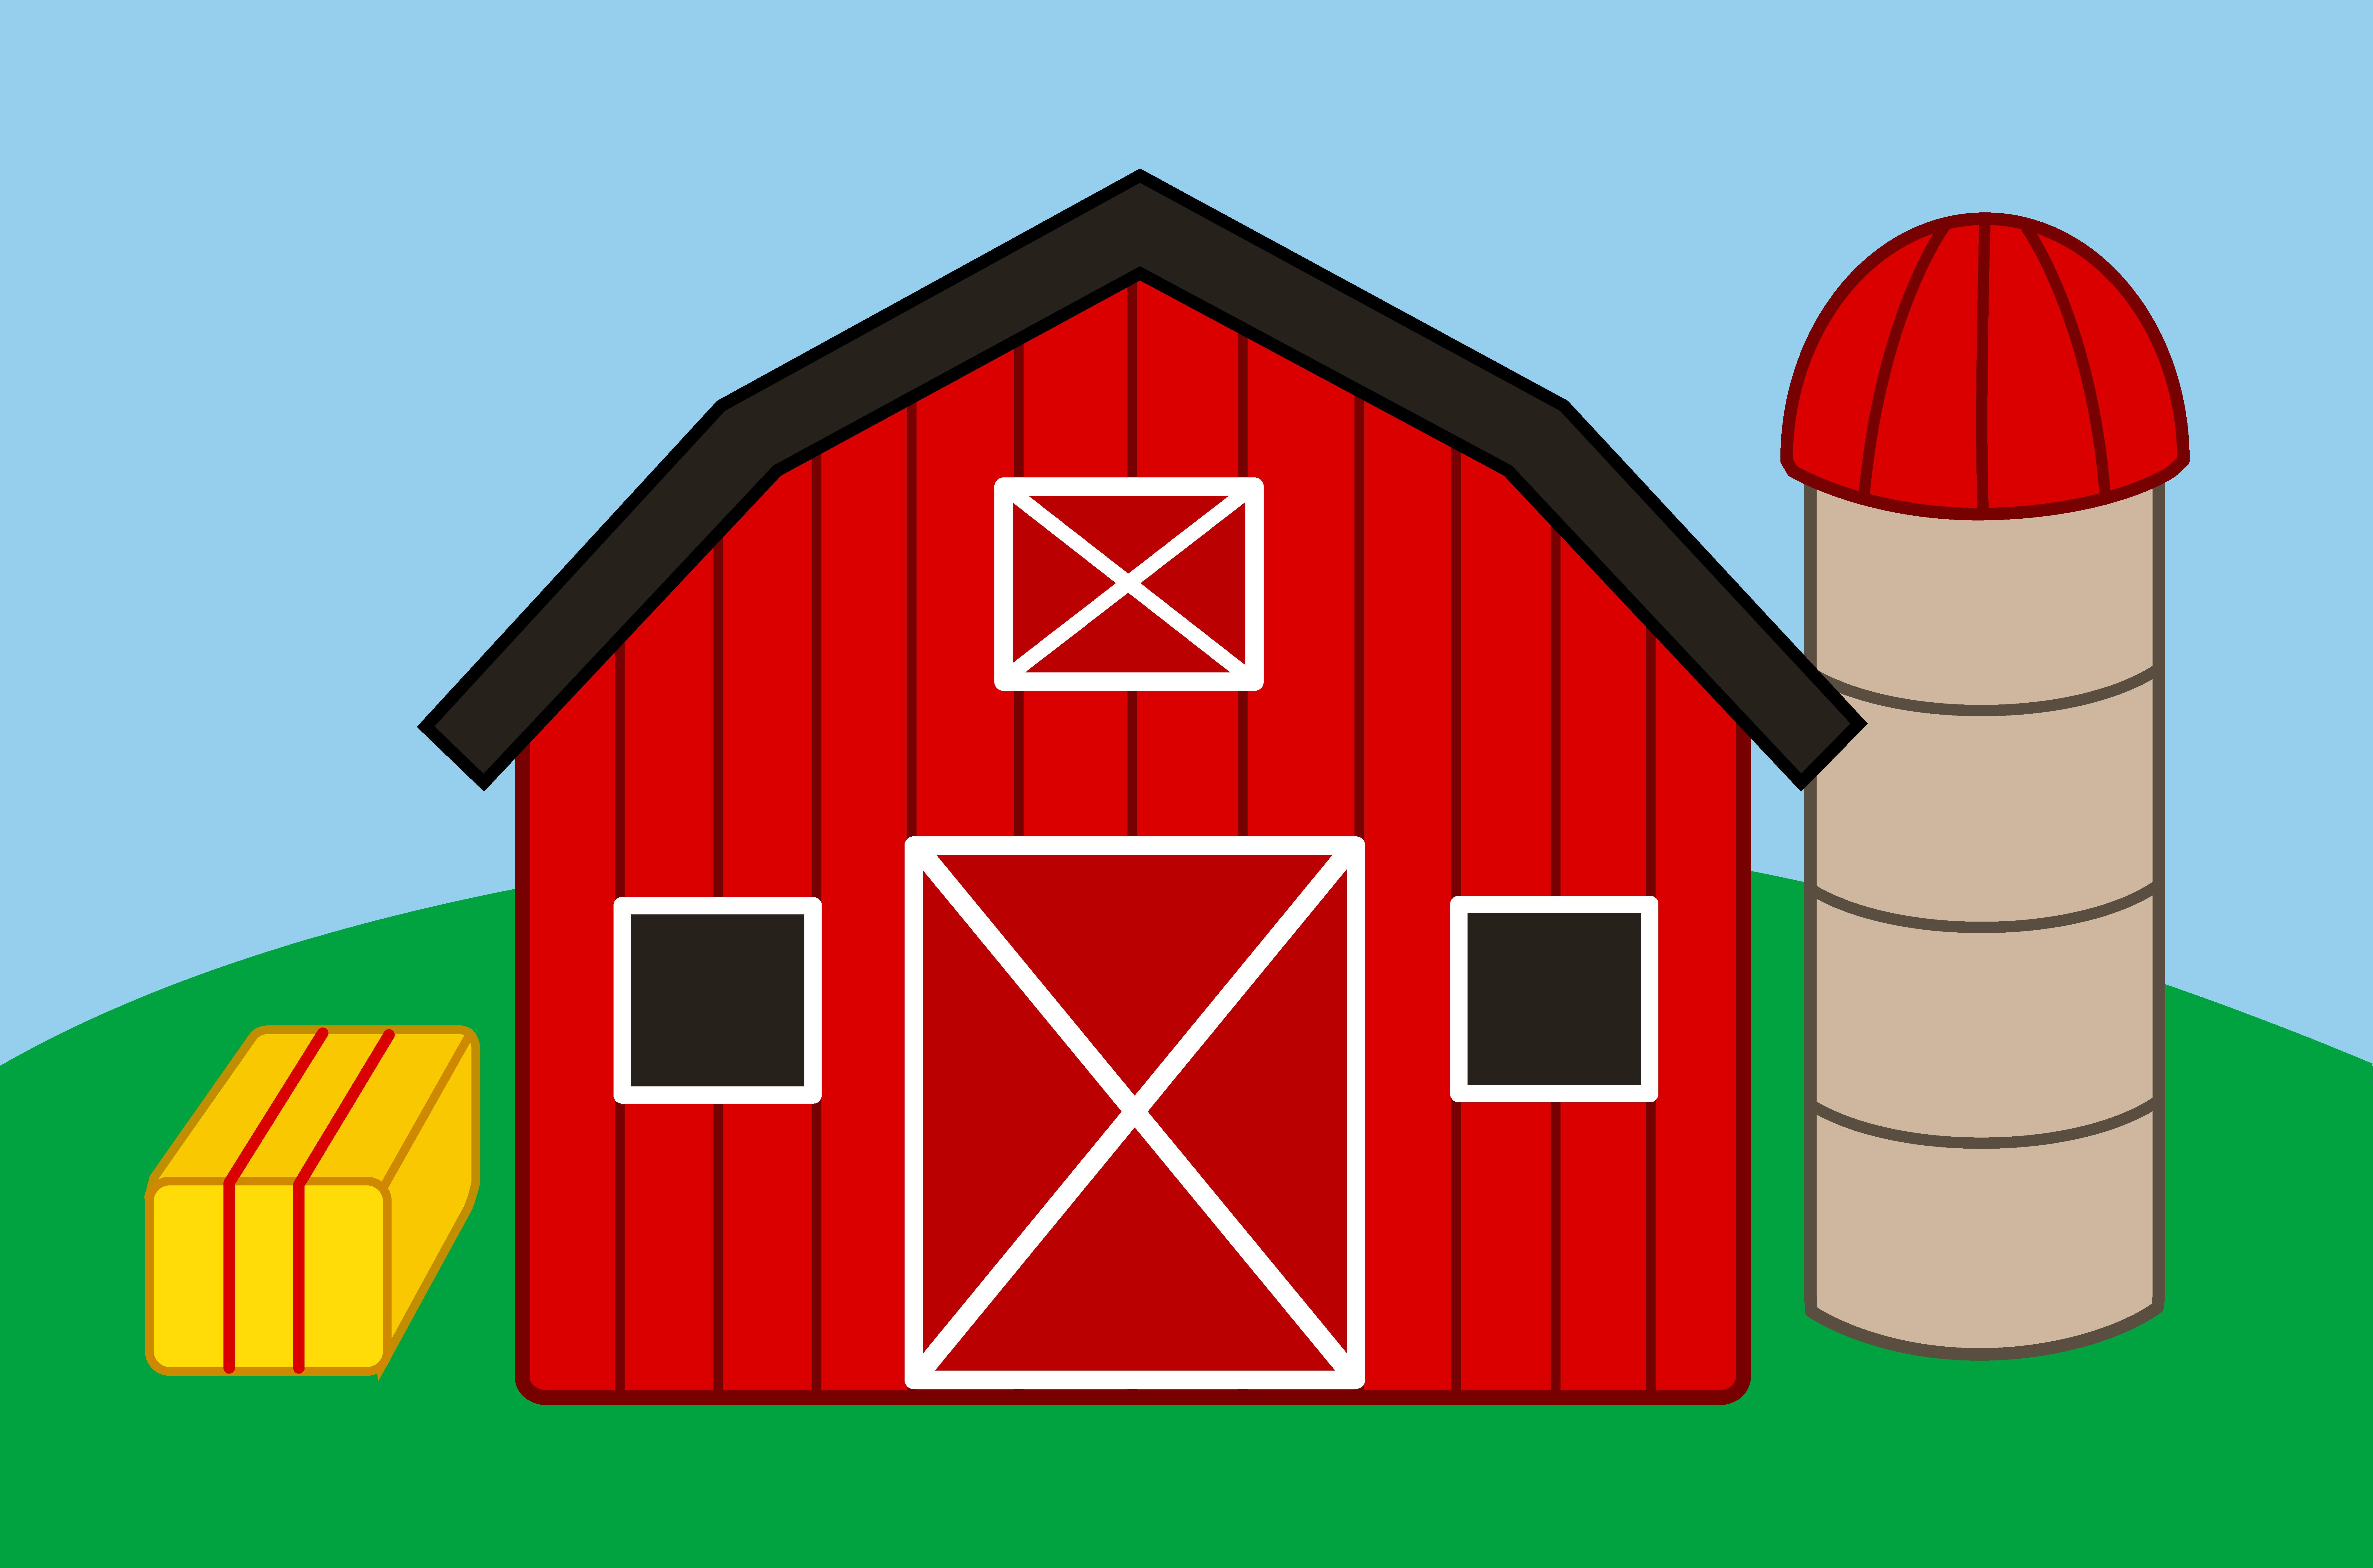 Cute Farm With Barn and Silo